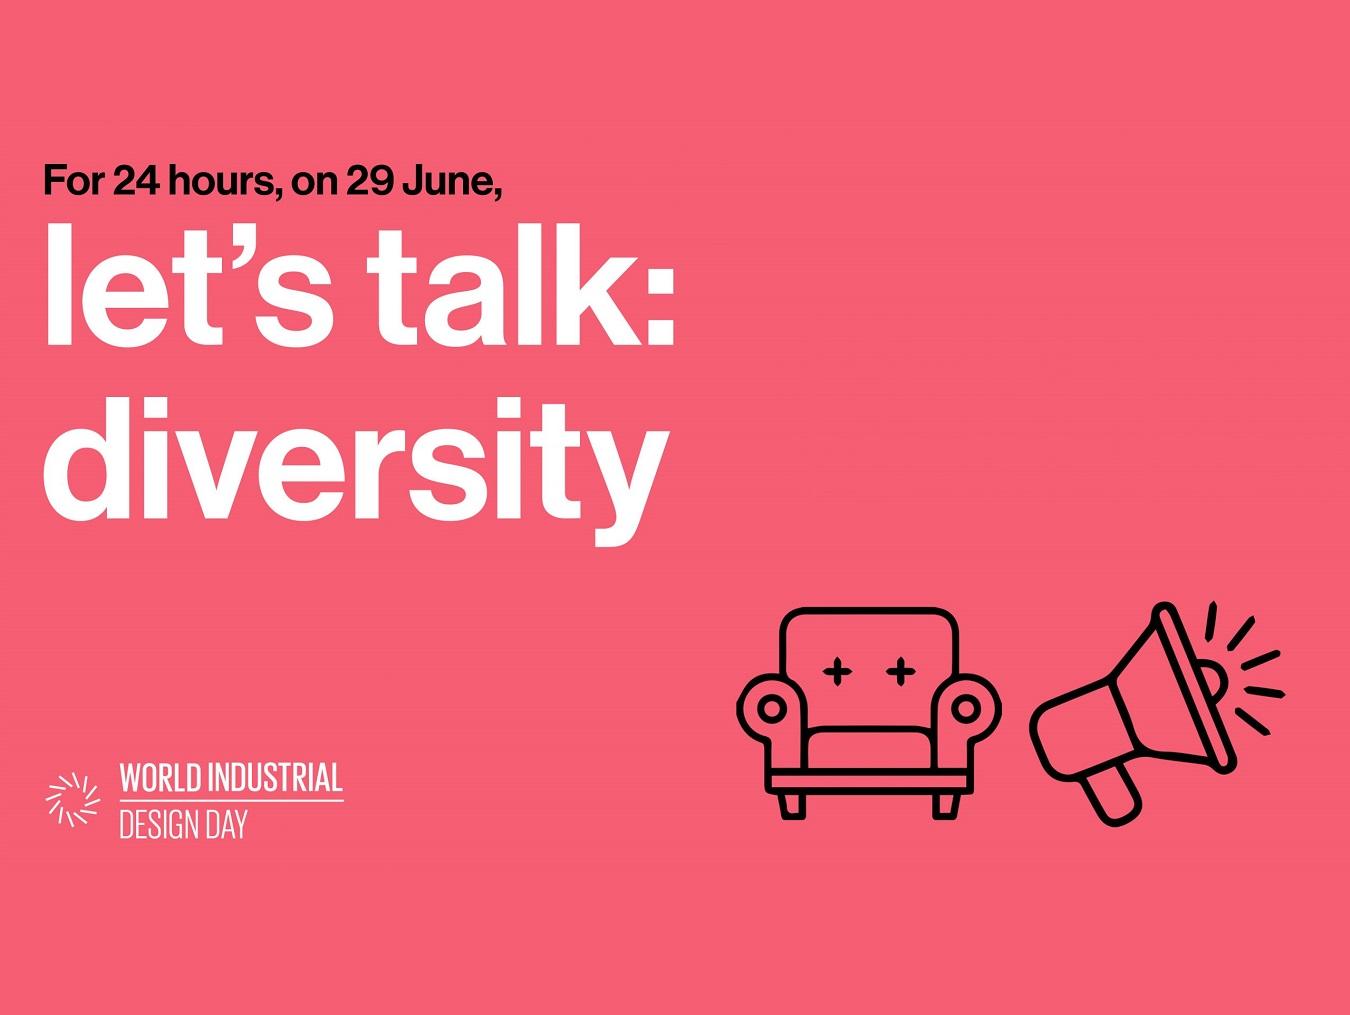 629世界工業設計日「Let's talk : diversity」台灣設計與國際對話